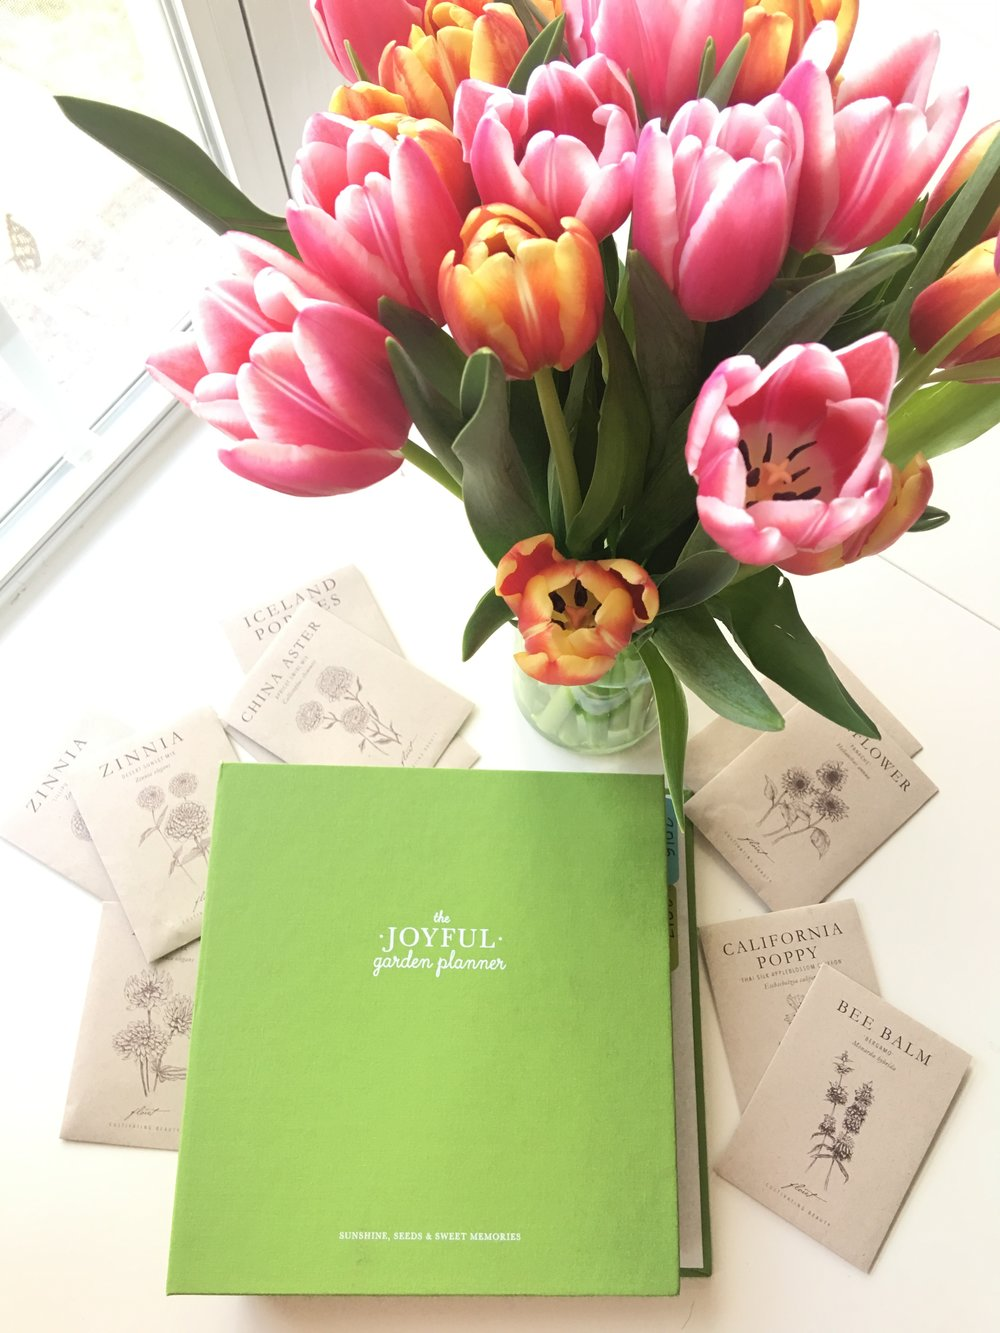 joyful-garden-planner-tulips.jpg